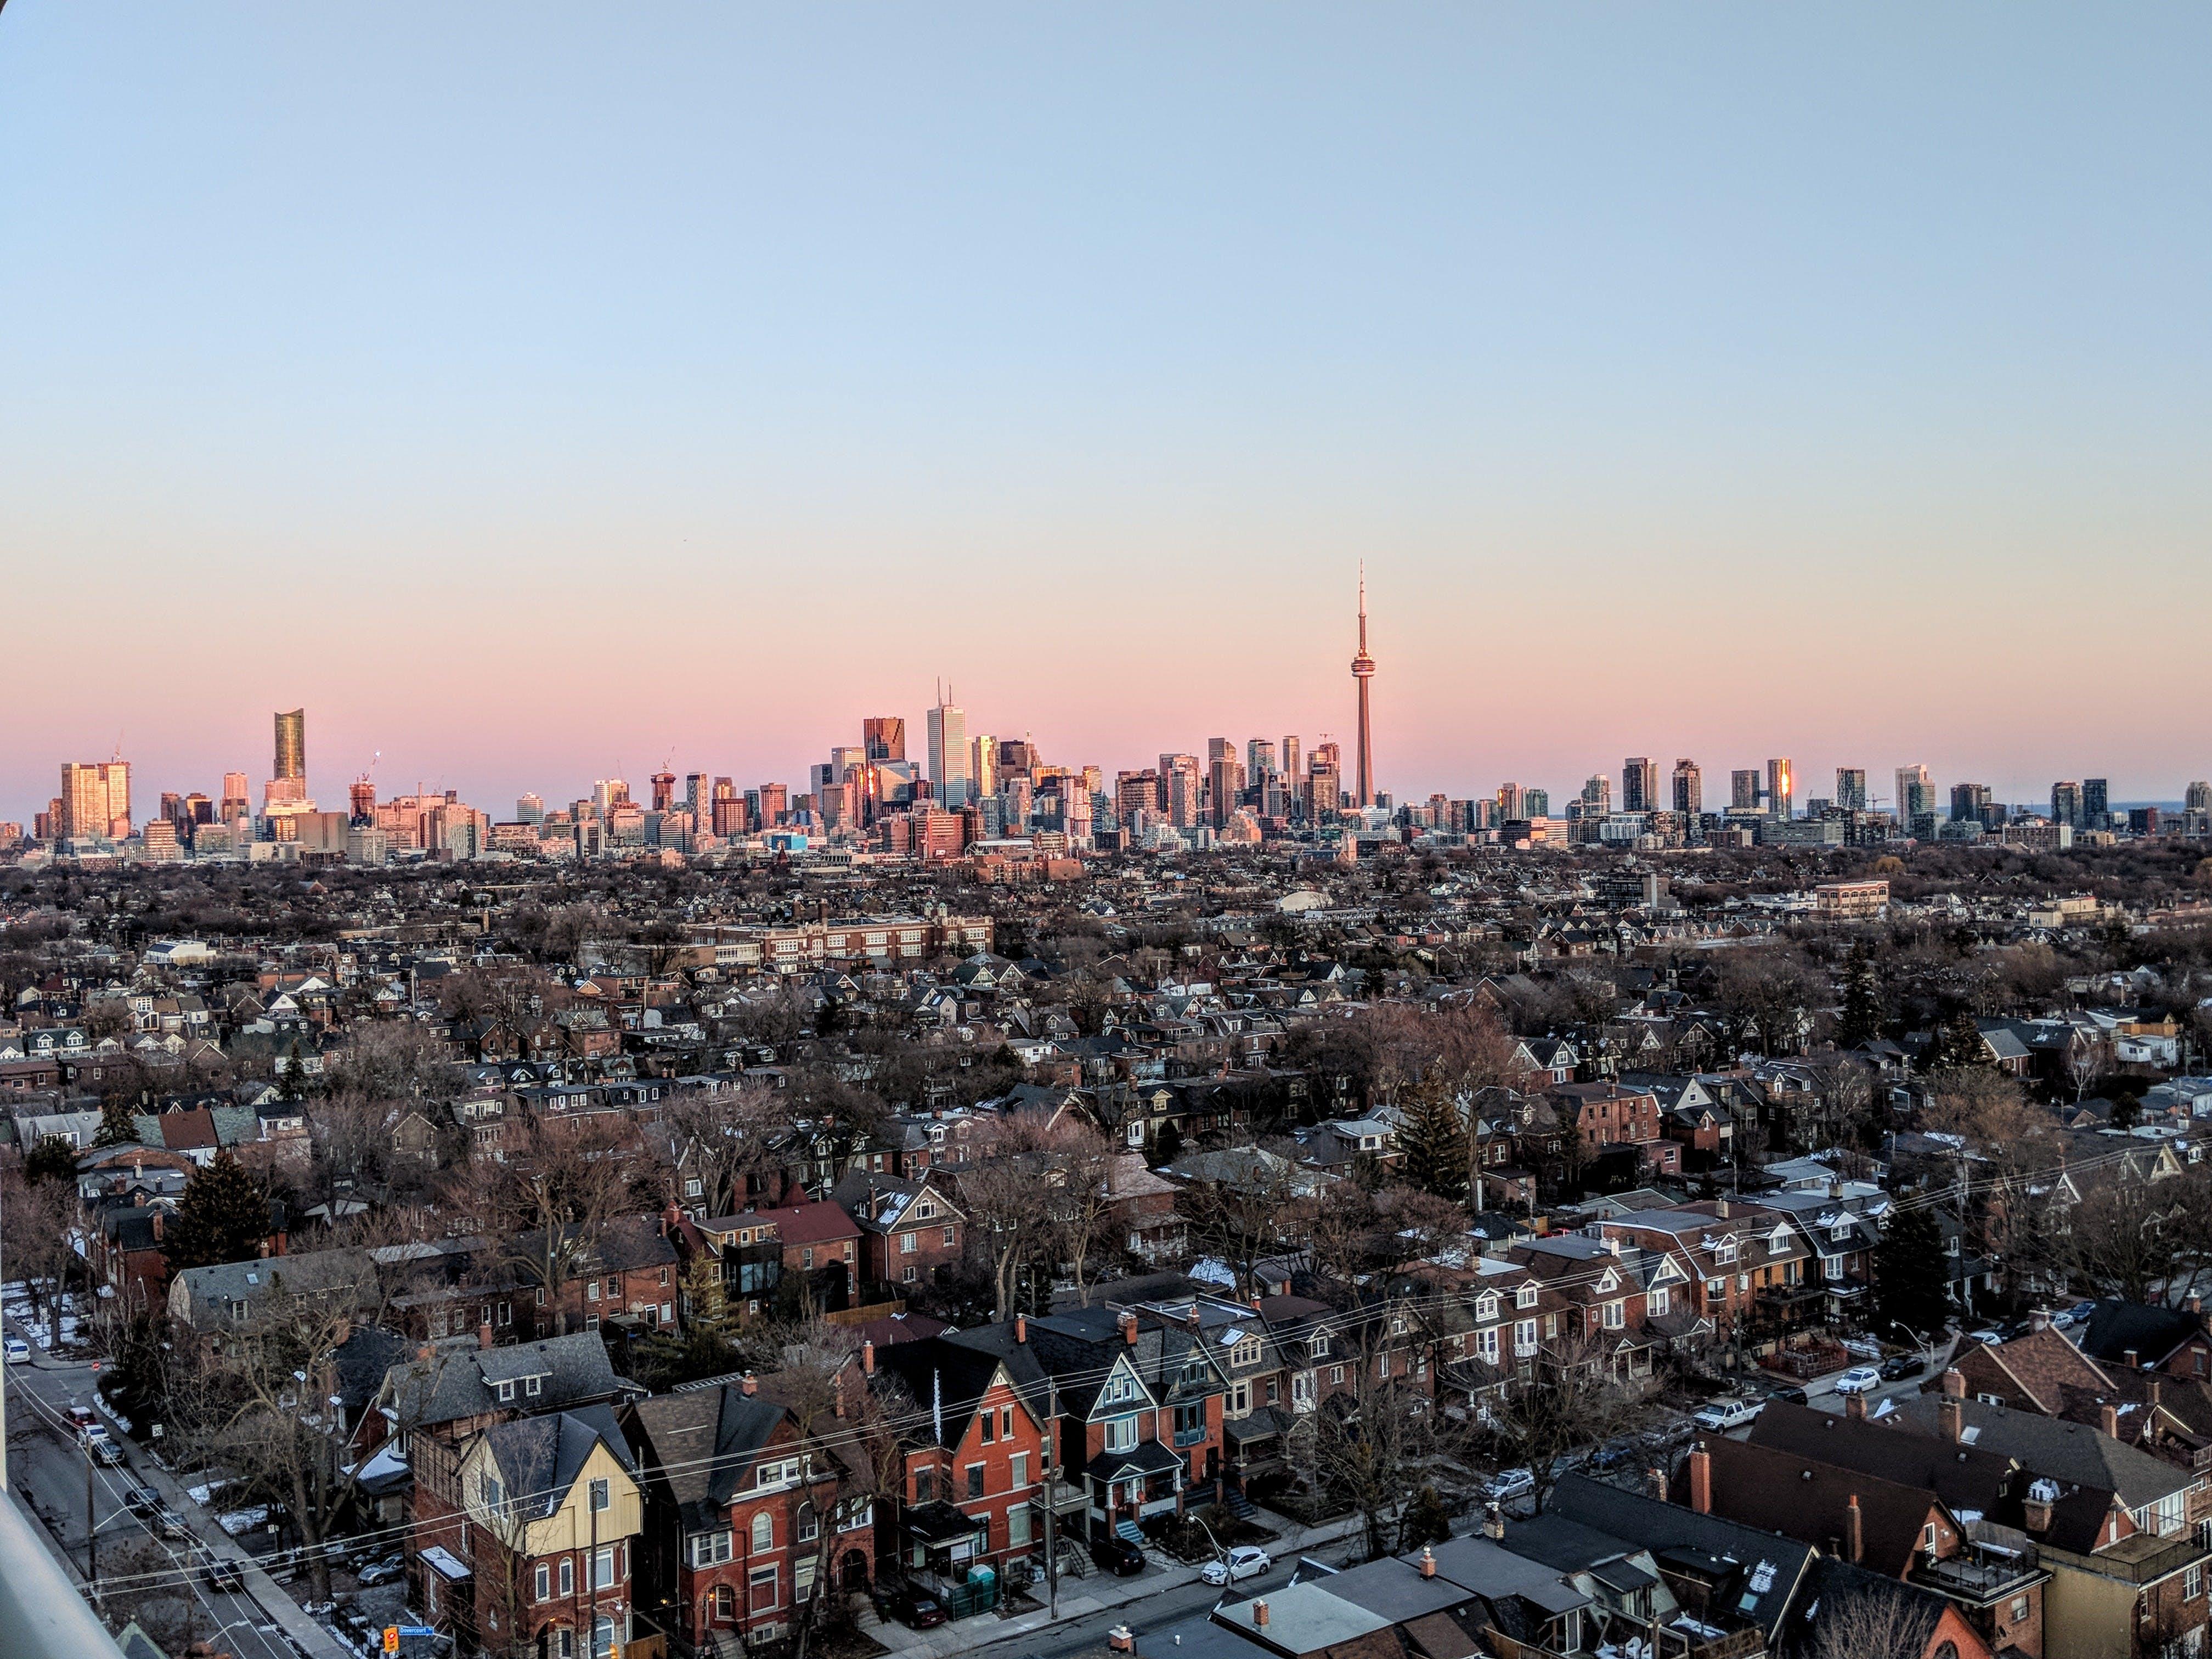 Δωρεάν στοκ φωτογραφιών με αρχιτεκτονική, αστικό τοπίο, αστικός, γραμμή ορίζοντα